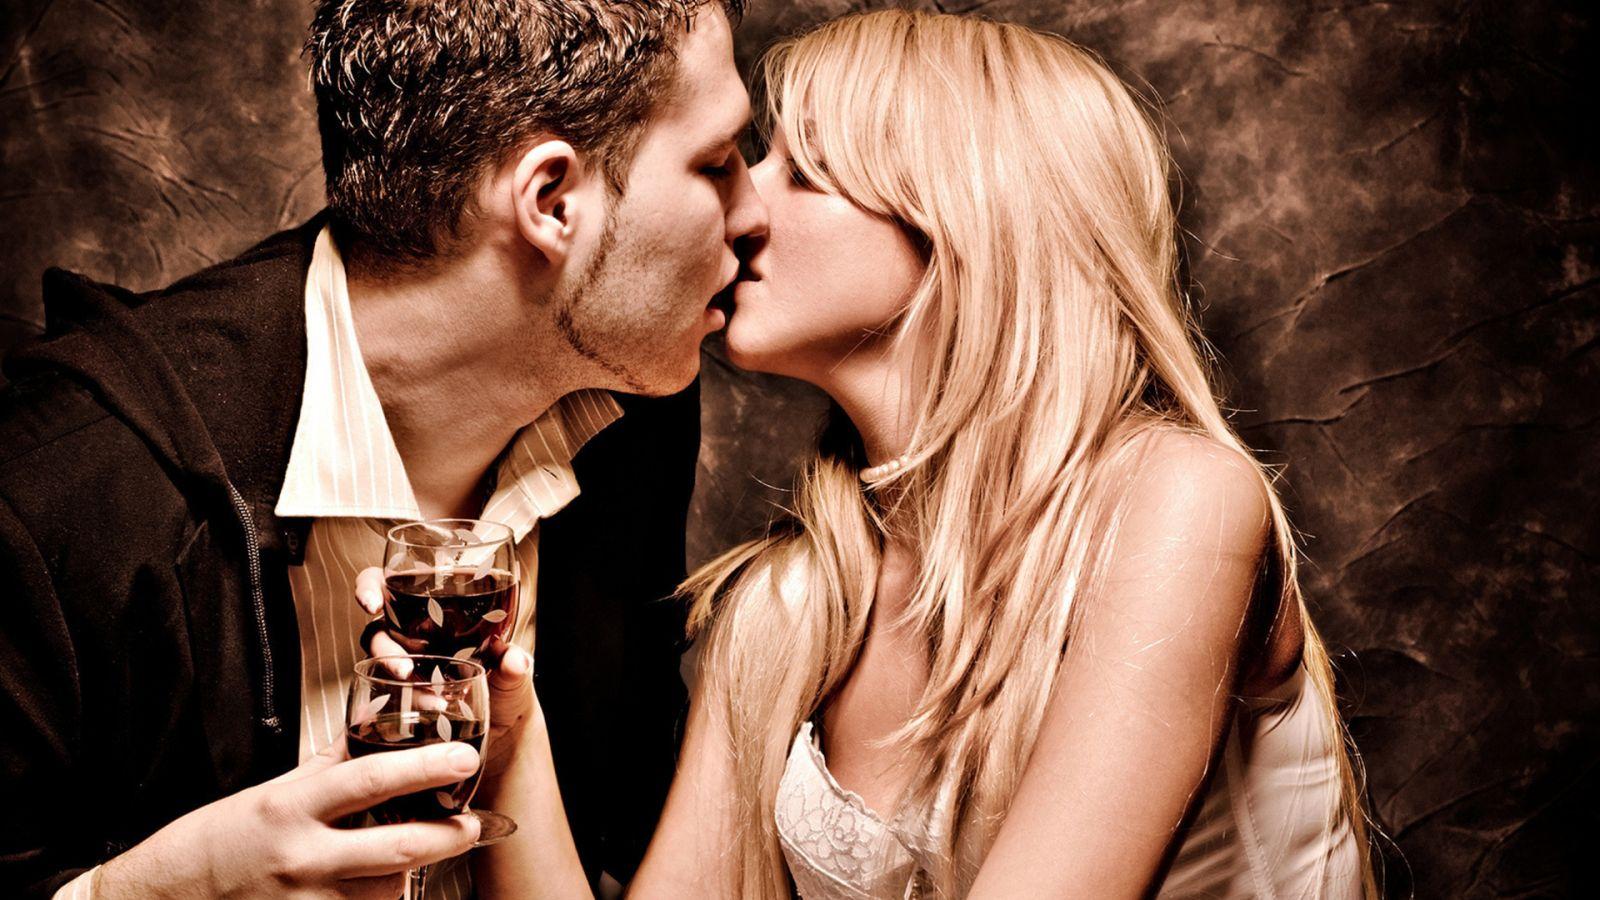 Как заставить мужа бросить пить - фото №1